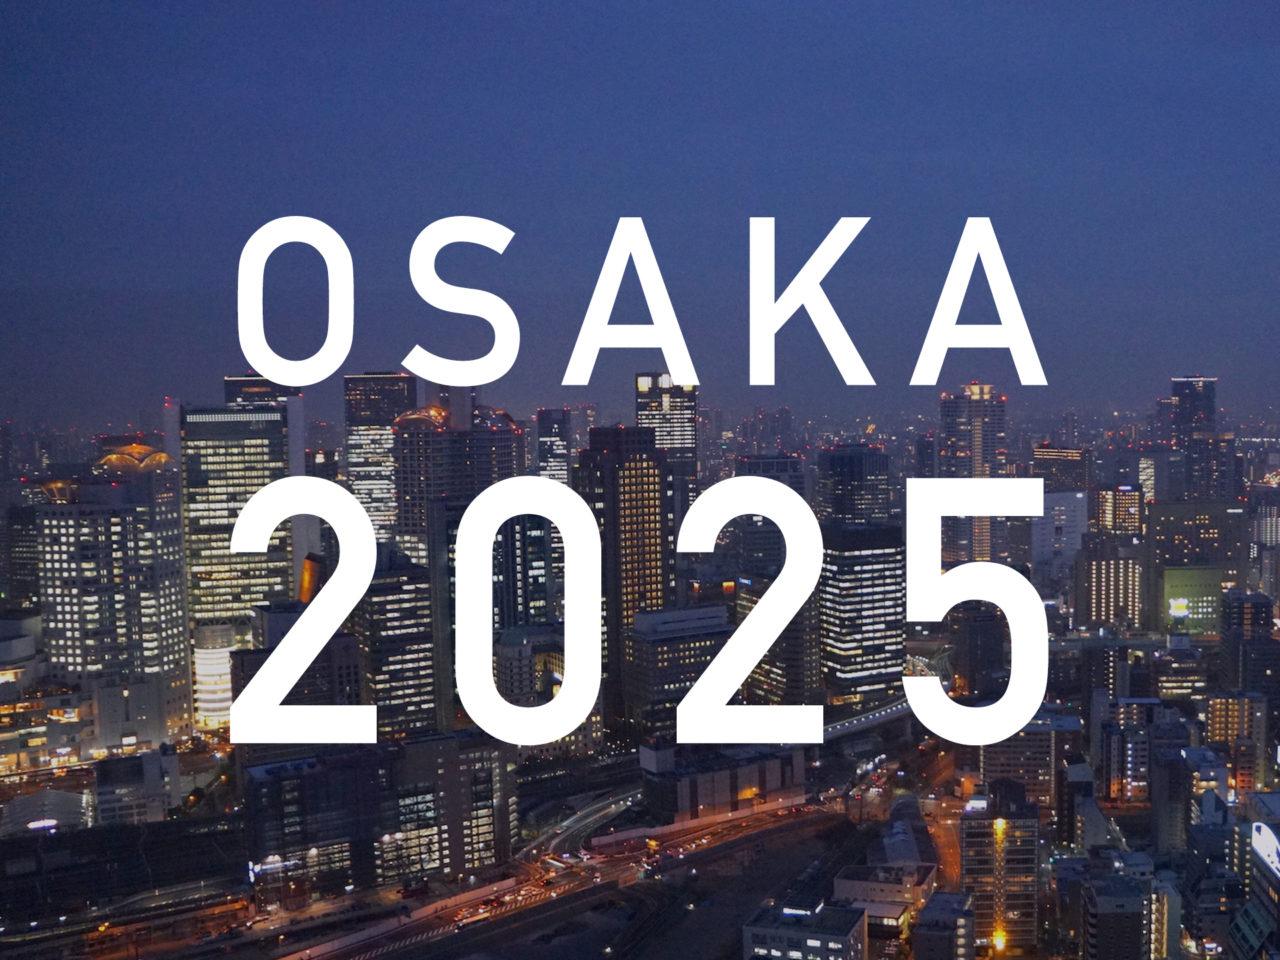 大阪万博までに完成予定の再開発計画まとめ。2025年までに続々竣工予定。のサムネイル画像